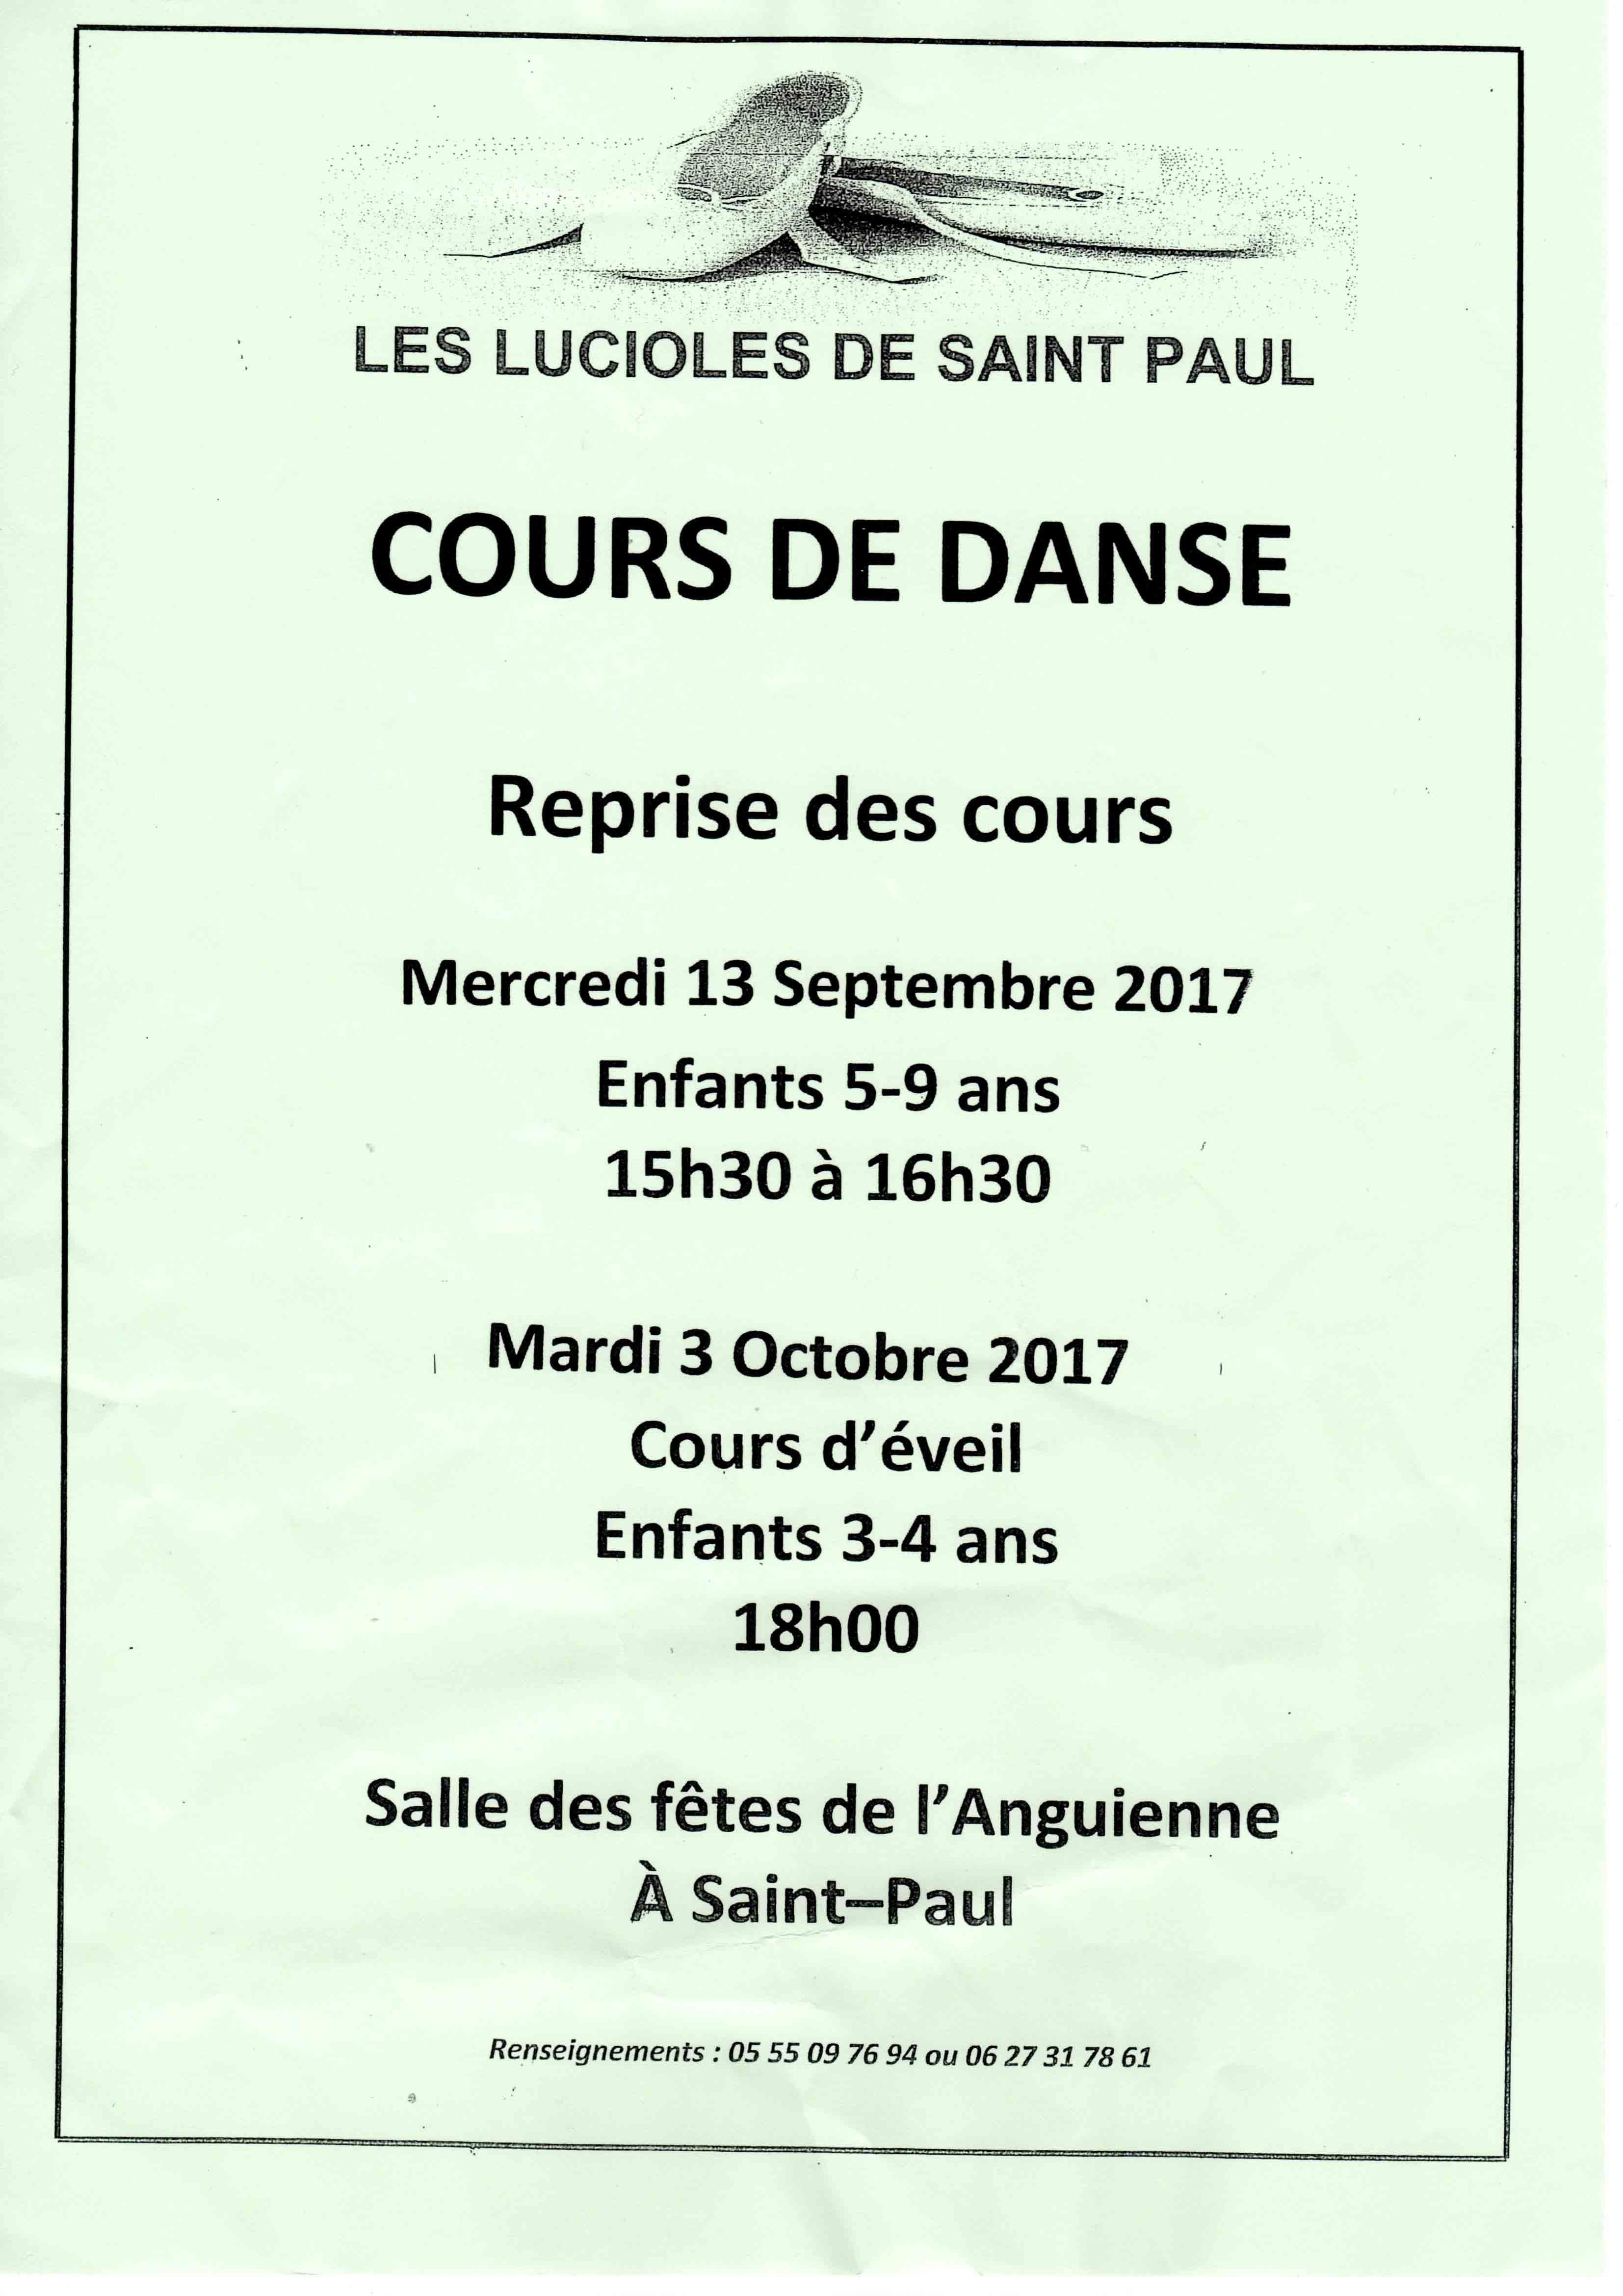 2017-10-03 - Cours de danse.jpg